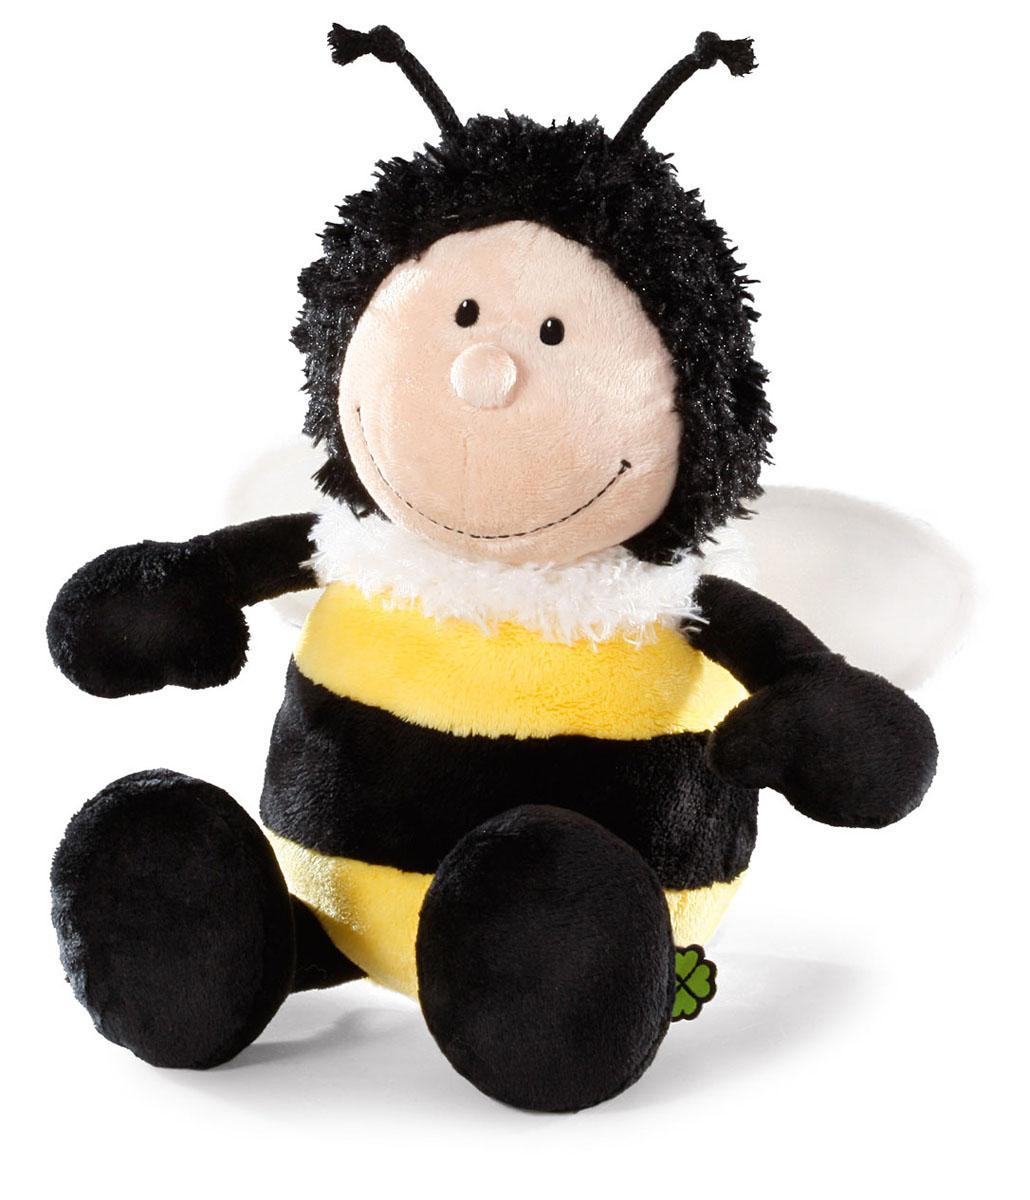 Мягкая игрушка Nici Шмель, сидячая, 15 см36864Мягкая игрушка Nici Шмель выполнена в виде симпатичного шмеля. Удивительно мягкая игрушка изготовлена из высококачественного текстильного материала черного, желтого, бежевого и белого цветов с набивкой из синтепона и пластиковых гранул. Глазки у шмеля пластиковые, вокруг шеи имеется белый пушок, также у него есть усики, а за спиной - небольшие крылышки. Игрушку легко можно посадить на ровную поверхность. Оригинальный стиль и великолепное качество исполнения делают эту игрушку чудесным подарком к любому празднику. Немецкая компания Nici является одним из лидеров на Европейском рынке мягких игрушек и подарков. Продукцию компании можно встретить везде: это и значок на школьном рюкзаке, и магнит на холодильнике, и поздравительная открытка, и мягкая игрушка, и автомобильный талисман. Игрушки Nici - это товары высочайшего качества и инновационного дизайна. Для создания всего одной игрушки работает большое количество людей и используется самое современное оборудование...